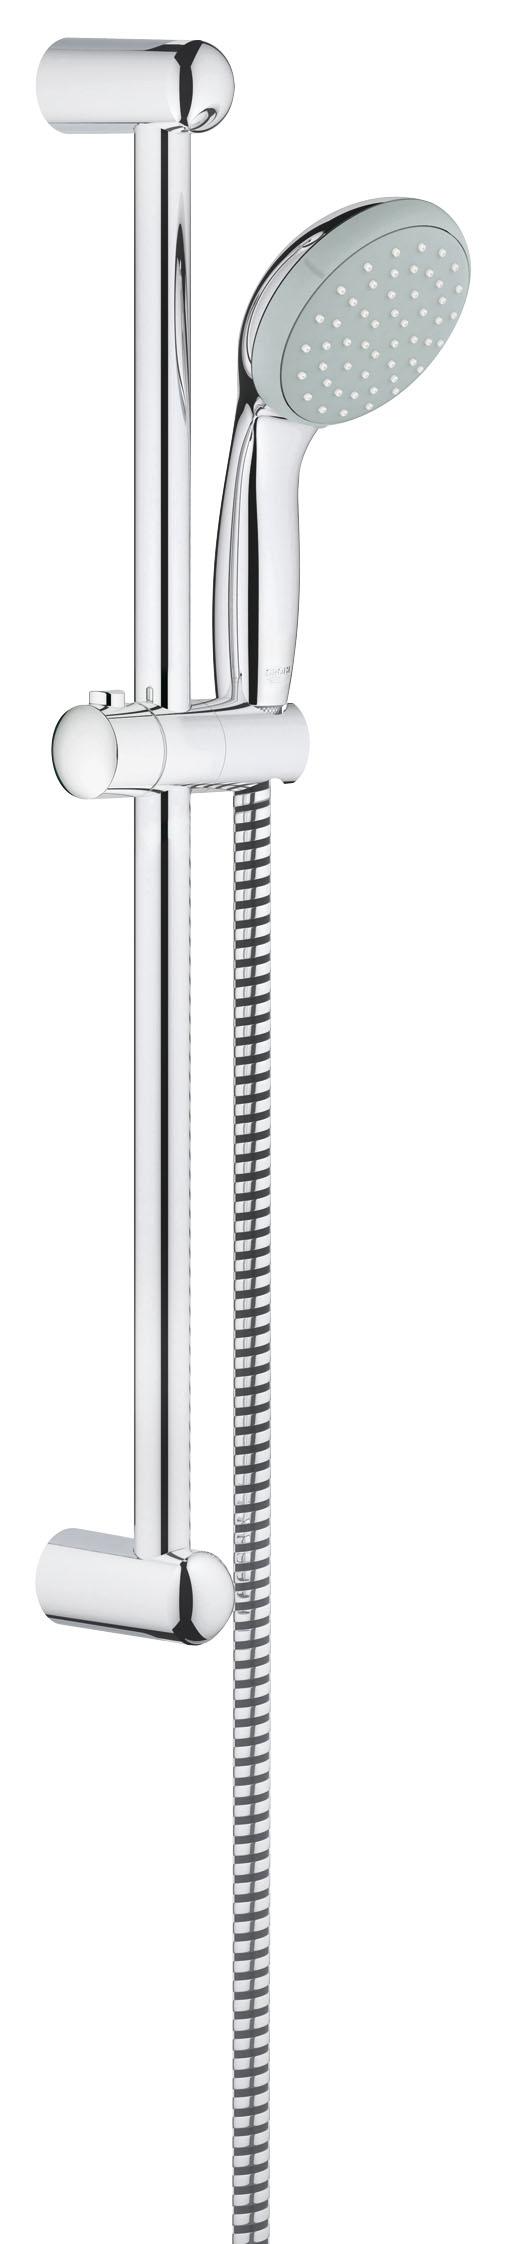 Душевой комплект GROHE New Tempesta, штанга 600мм. (27924000)LG KVN6403AFGROHE New Tempesta 100: душевой гарнитур со штангой длиной 600 мм и душевой головкой диаметром 100 мм, с водосберегающей технологией Если Вам необходимо сочетание великолепных функциональных характеристик и привлекательного дизайна, остановите свой выбор на этом душевом гарнитуре GROHE New Tempesta 100, в комплект которого входят душевая головка, душевая штанга и душевой шланг. Он оснащен водосберегающим механизмом GROHE EcoJoy, который даже при максимальном напоре ограничивает расход воды 9,5 литрами в минуту, позволяя спокойно наслаждаться длительным купанием. В режиме струи Rain поток капель погрузит Вас в ощущение неги, как при посещении спа, в то время как технология GROHE DreamSpray обеспечит равномерность подачи воды через все форсунки. В конструкции душевой головки предусмотрена система SpeedClean, предотвращающая известкование. Глянцевое хромированное покрытие GROHE StarLight достаточно протирать сухой салфеткой для поддержания его безупречной чистоты. Благодаря всем этим преимуществам данный душевой гарнитур является идеальным выбором, который обеспечит Вам ежедневный комфорт.Особенности:Включает в себя: Ручной душ (27 923 000) Душевая штанга, 600 мм (27 523 000) Душевой шланг Relexaflex 1750 мм 1/2? x 1/2? (28 154 000) 9,5 л/мин ограничитель расхода воды GROHE EcoJoy - технология совершенного потока при уменьшенном расходе водыGROHE DreamSpray превосходный поток воды GROHE StarLight хромированная поверхностьС системой SpeedClean против известковых отложений Внутренний охлаждающий канал для продолжительного срока службы ShockProof силиконовое кольцо, предотвращающееПовреждение поверхности при падении ручного душа Может использоваться с проточным водонагревателемВидео по установке является исключительно информационным. Установка должна проводиться профессионалами!